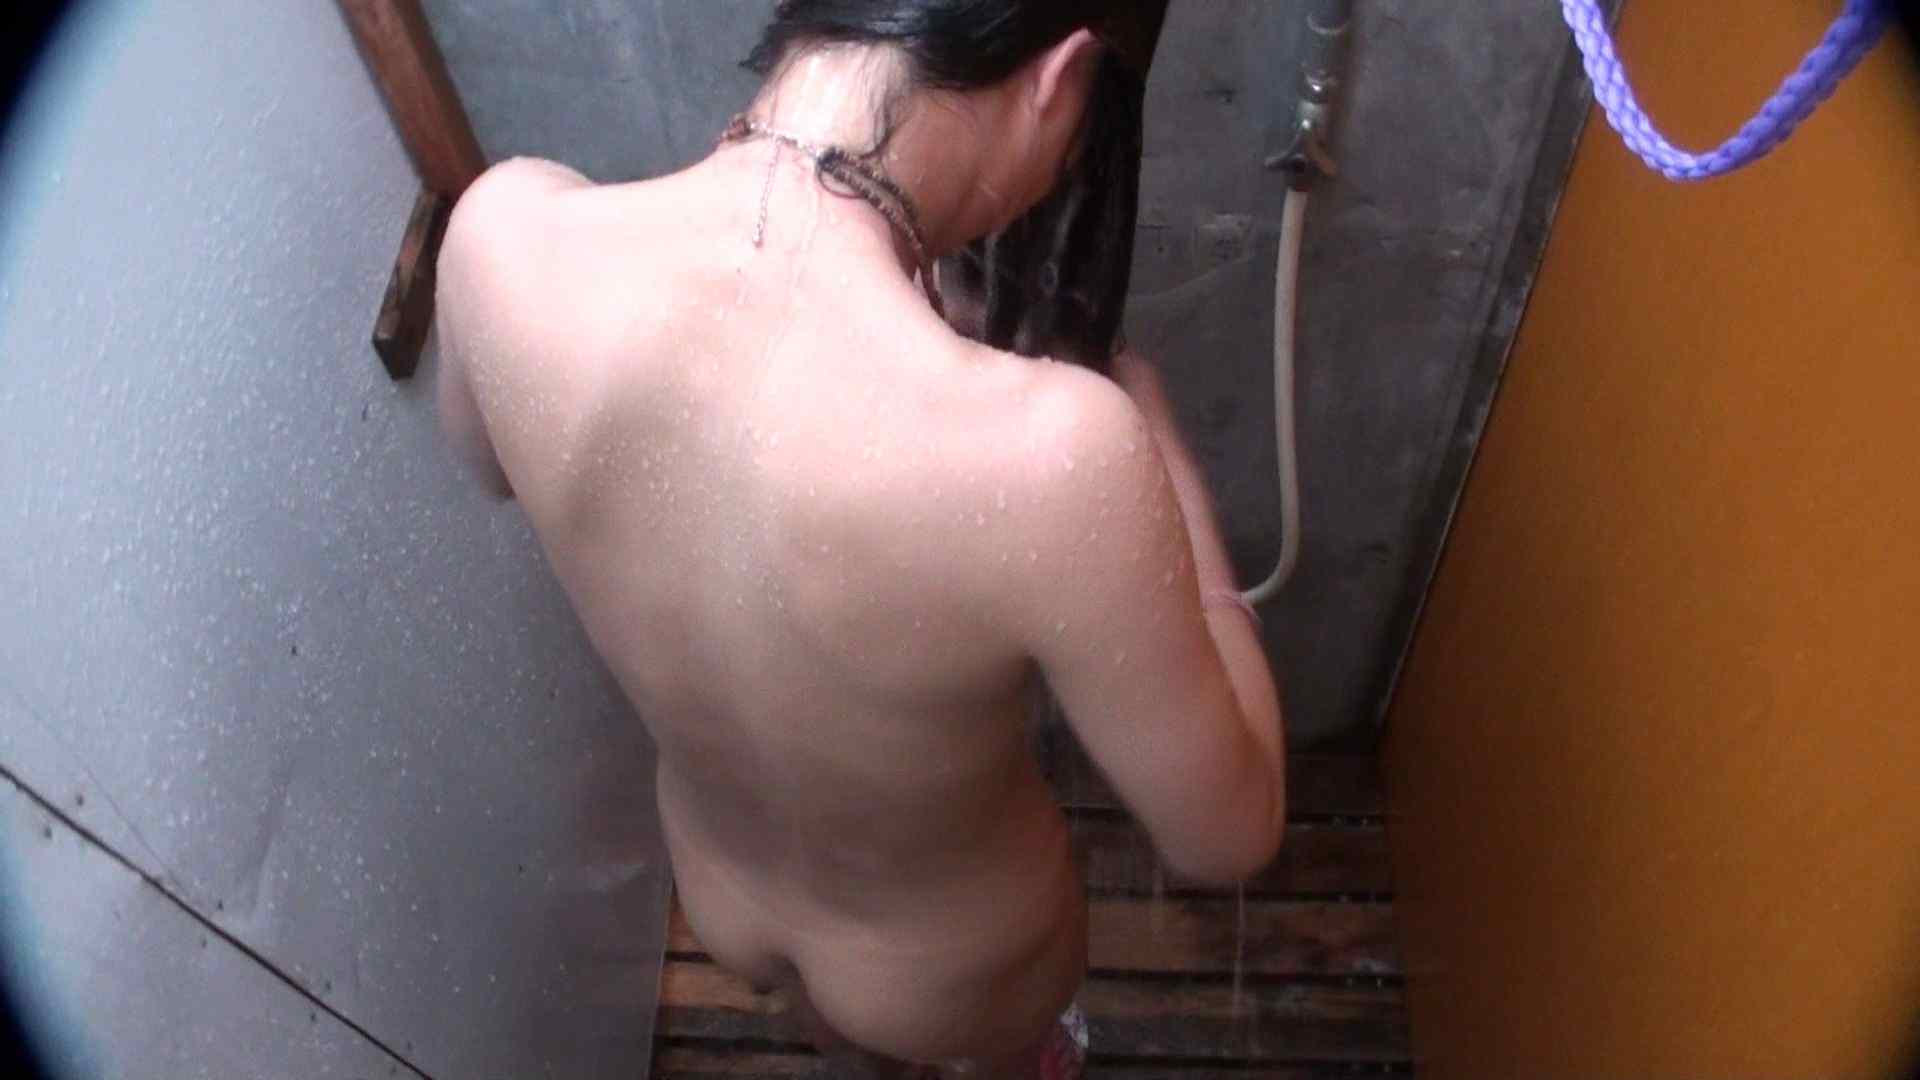 シャワールームは超!!危険な香りVol.21 オメメぱっちり貧乳ギャル鼻くそほじっても可愛いです 0   0  94画像 25